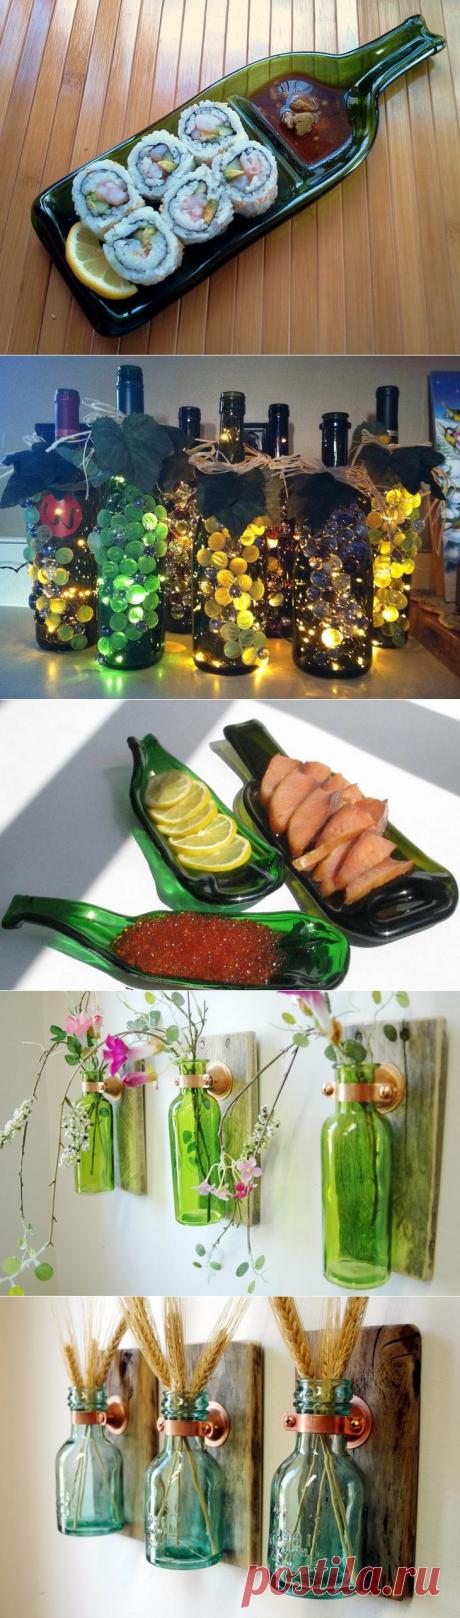 Поделки из стеклянных бутылок для дома и дачи